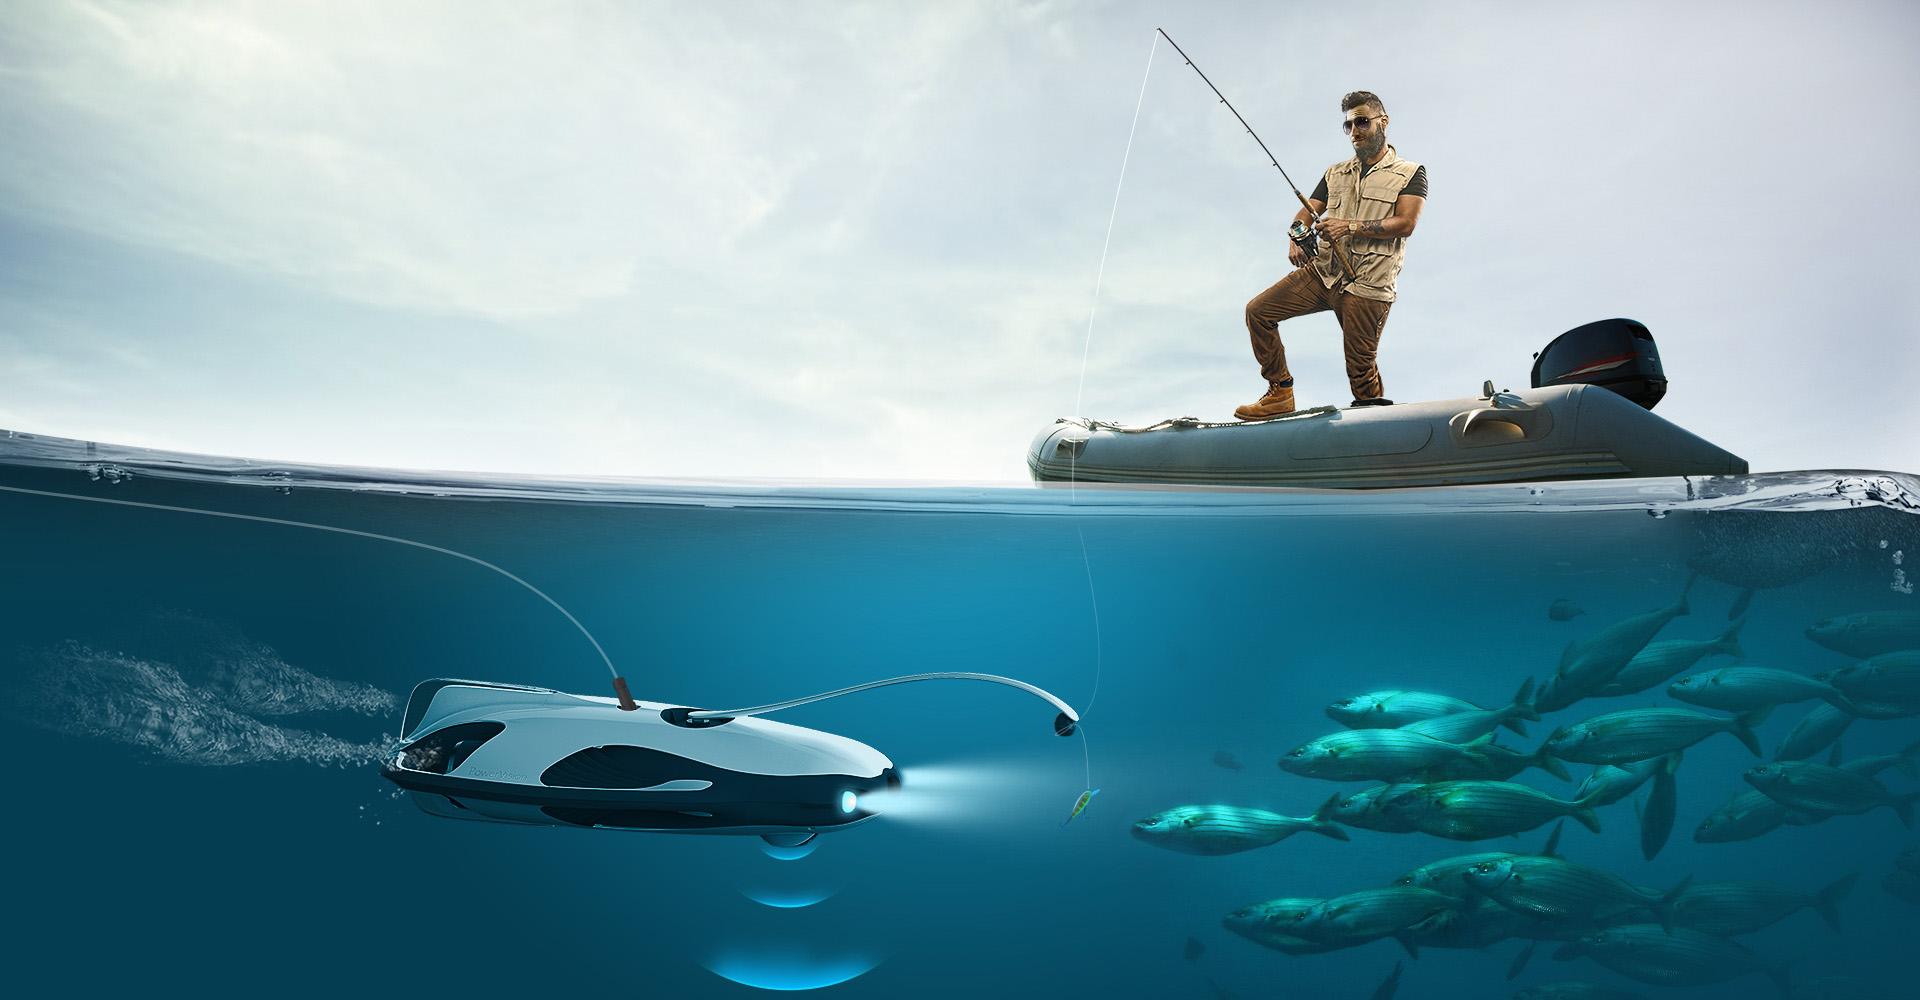 high-tech-fishing-dude-2017